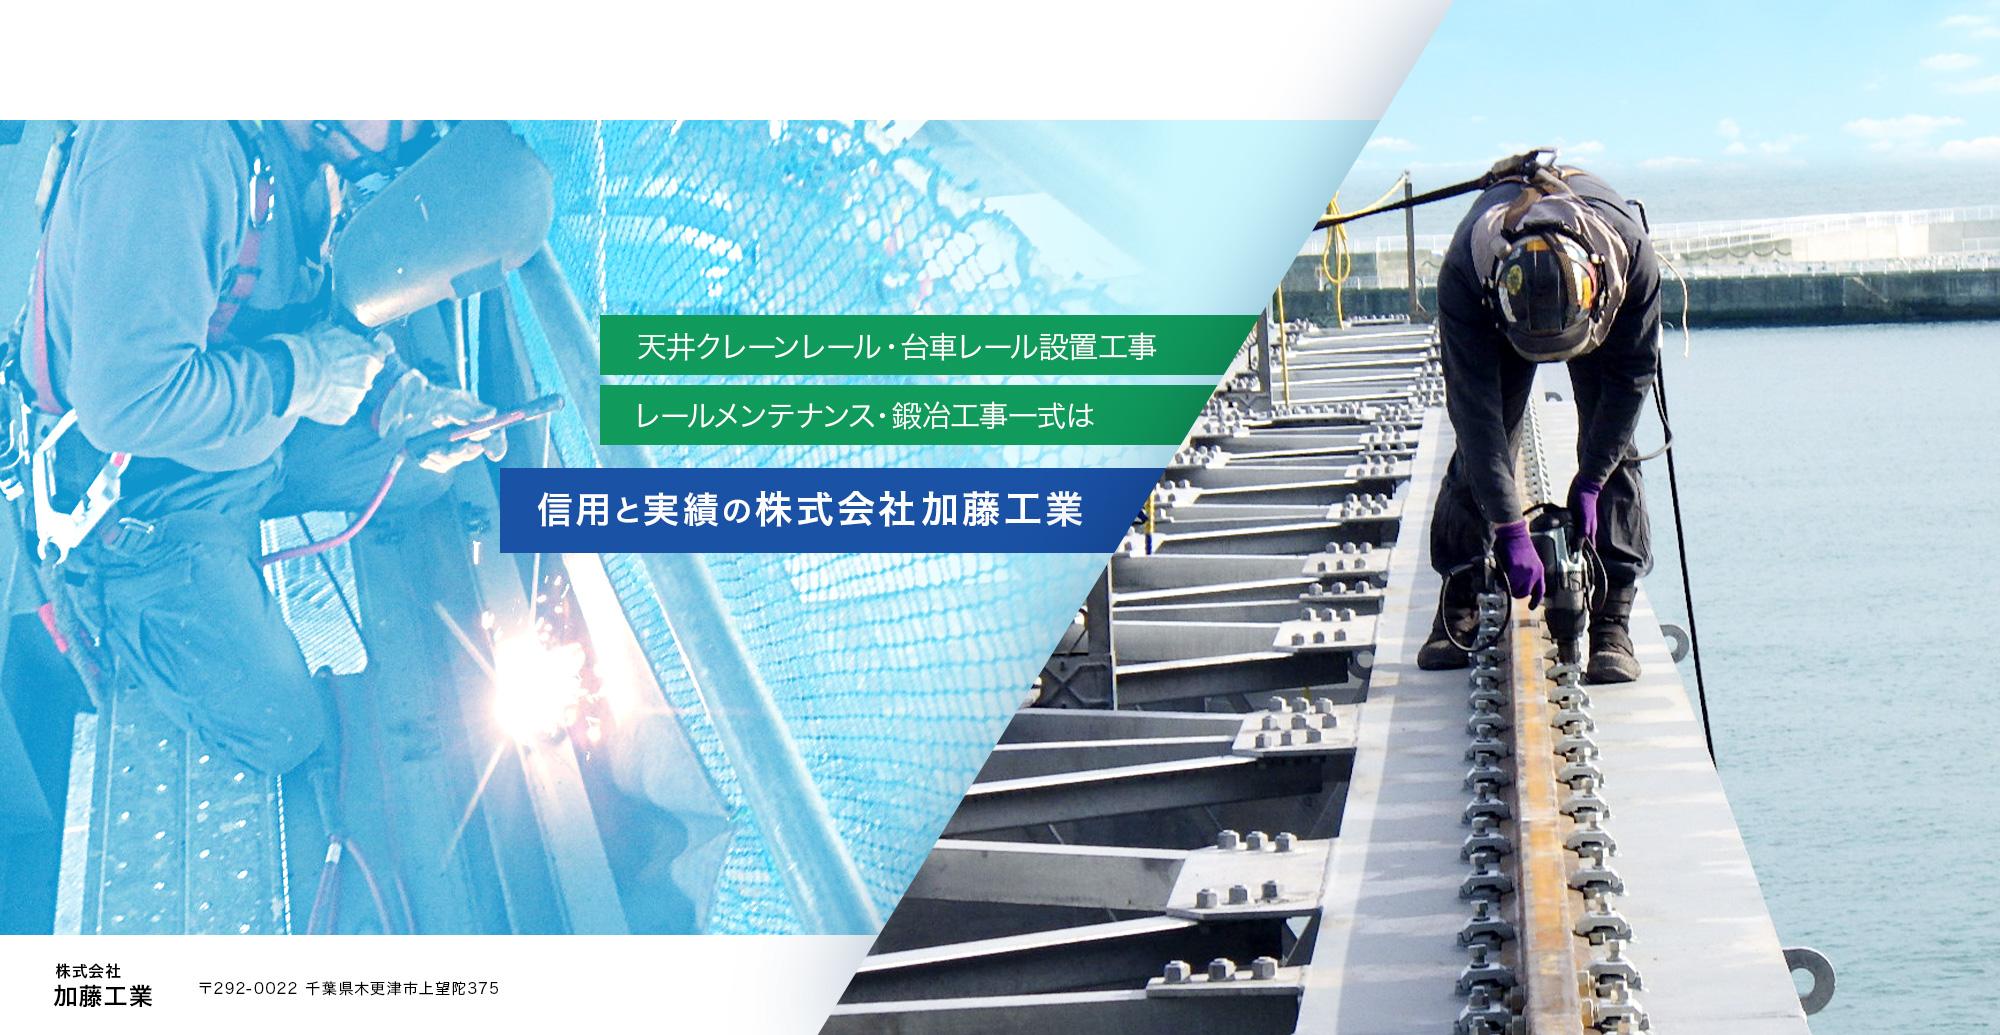 天井クレーンレール・台車レール設置工事 レールメンテナンス・鍛冶工事一式は信用と実績の株式会社加藤工業